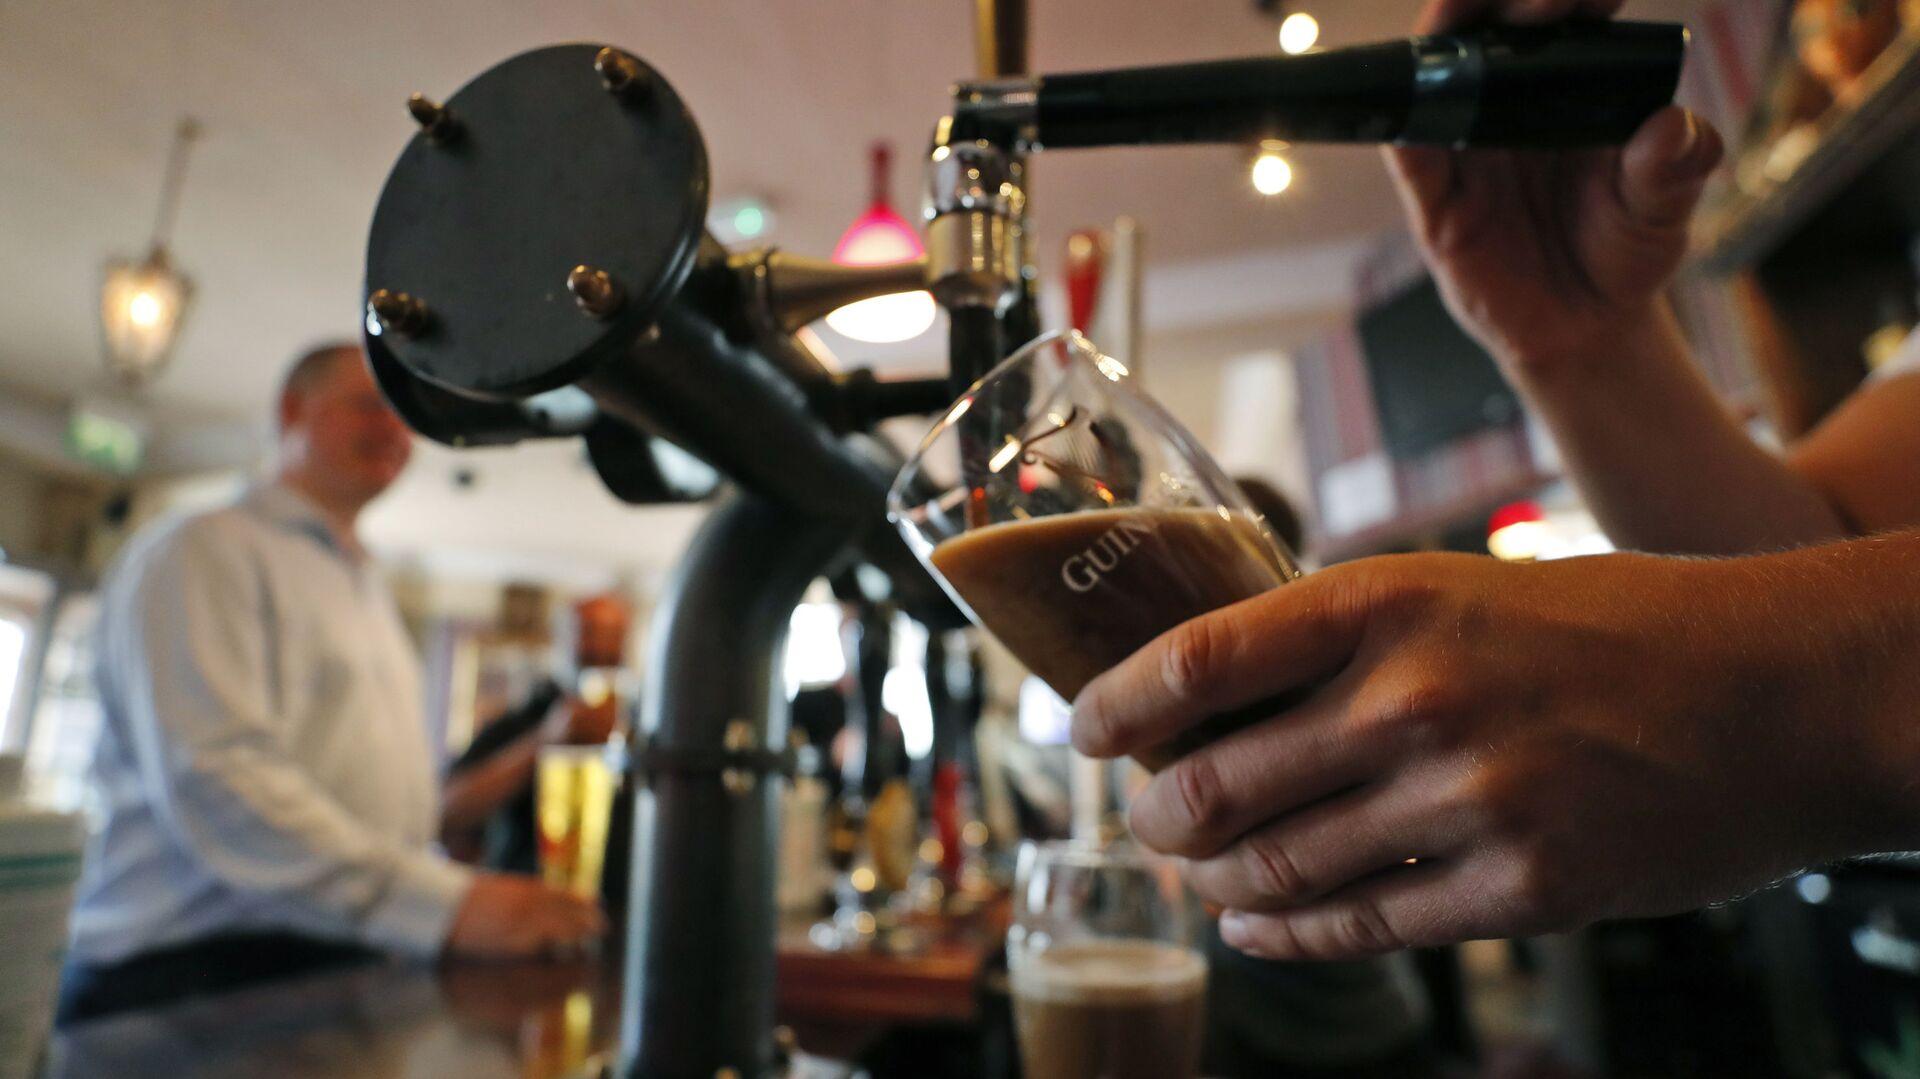 Barwoman γεμίσει μπύρα ένα ποτήρι - Sputnik Ελλάδα, 1920, 23.02.2021